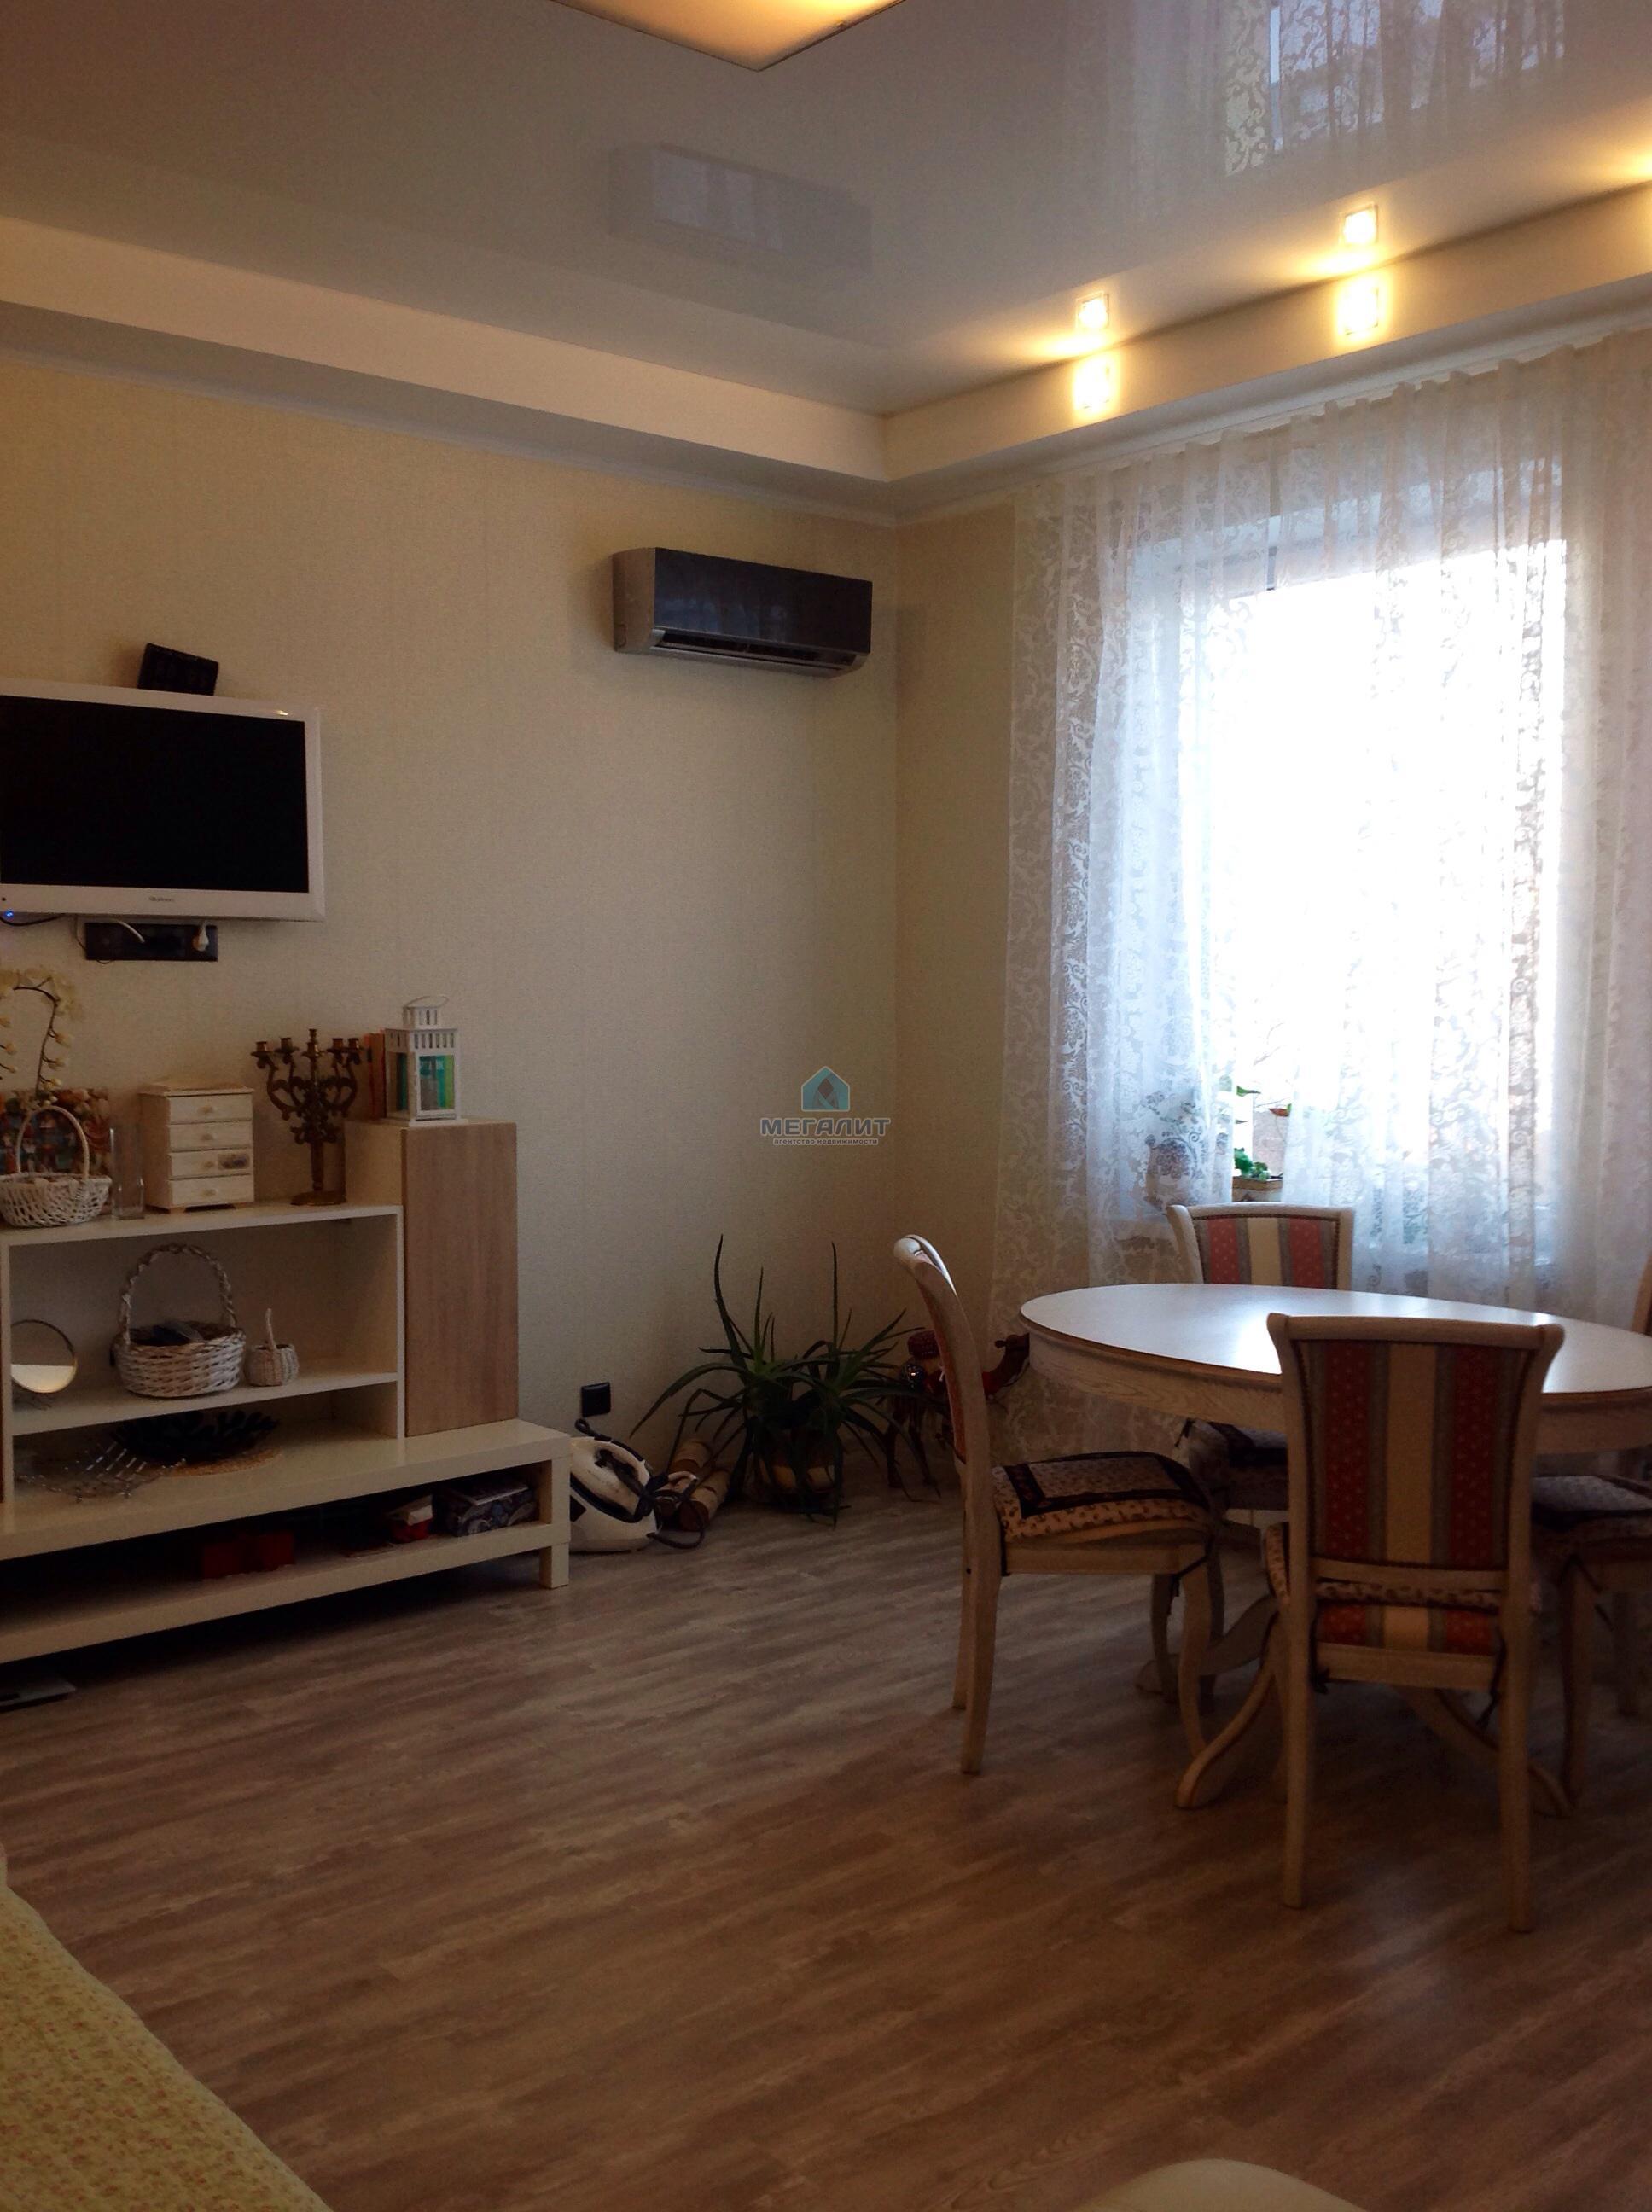 Продажа 1-к квартиры Гоголя 10, 51 м²  (миниатюра №4)